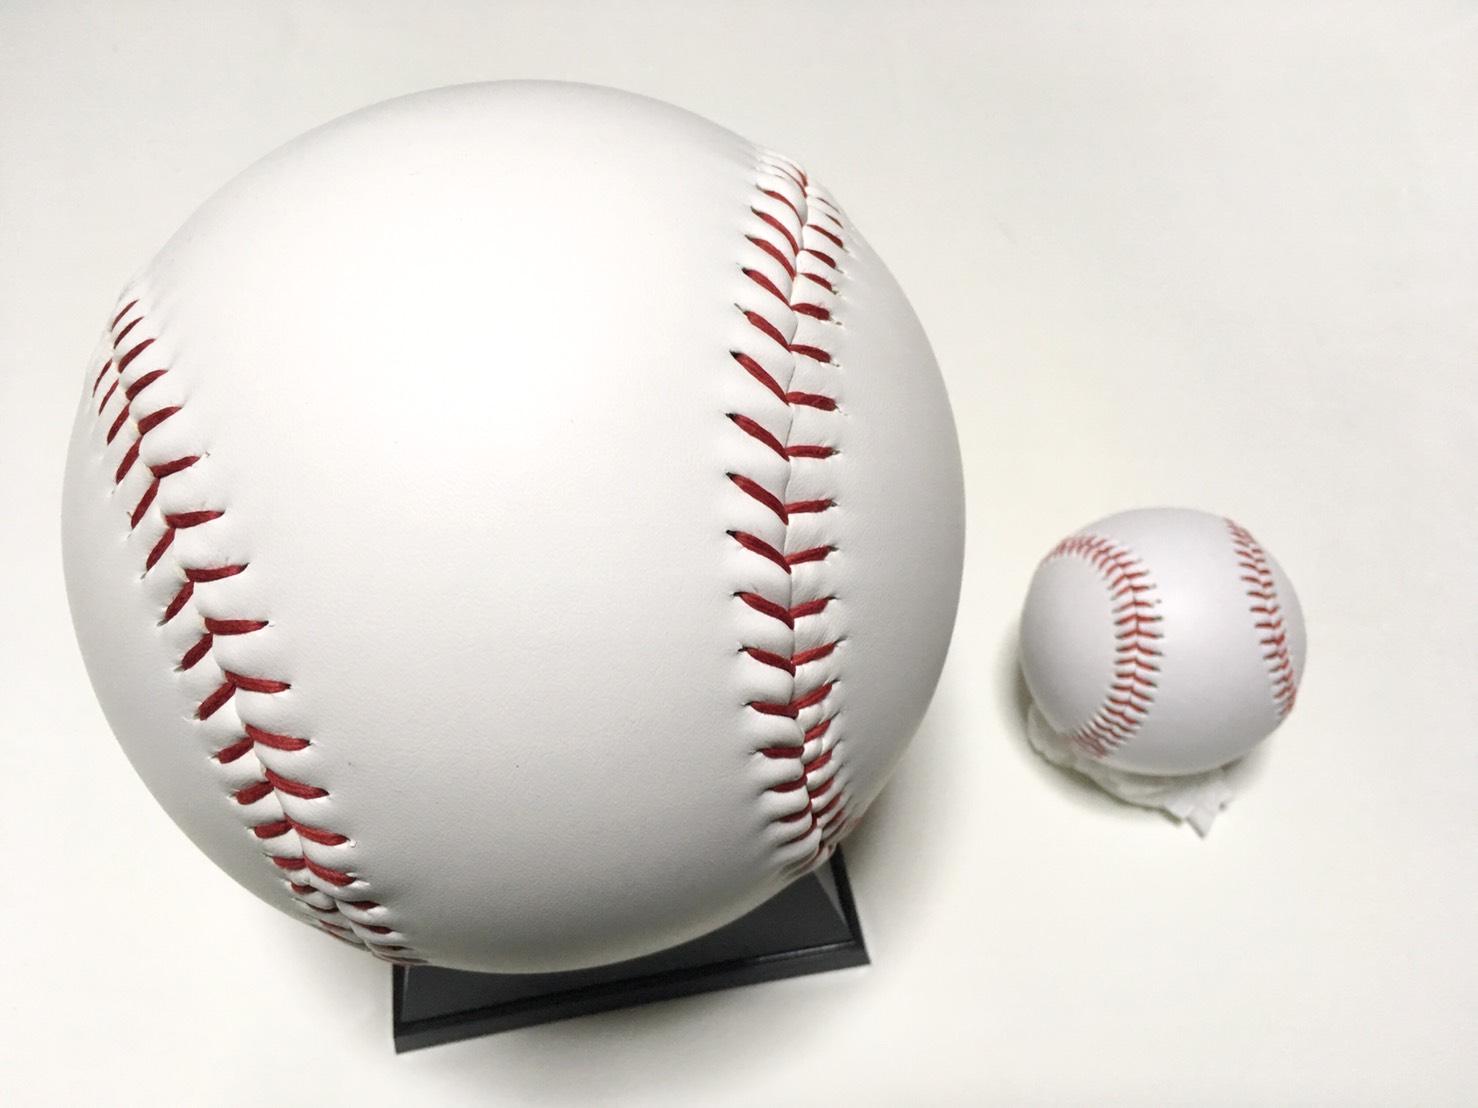 ジャンボなサインボール 美品 台座付き サインボール大 至高 ビッグサインボール 大型サインボール 卒団記念やディスプレーに最適 野球用品 野球ボール 卒部記念 硬球 高校野球 キャンプ用 ファン感謝デー 部活 記念品 卒業記念